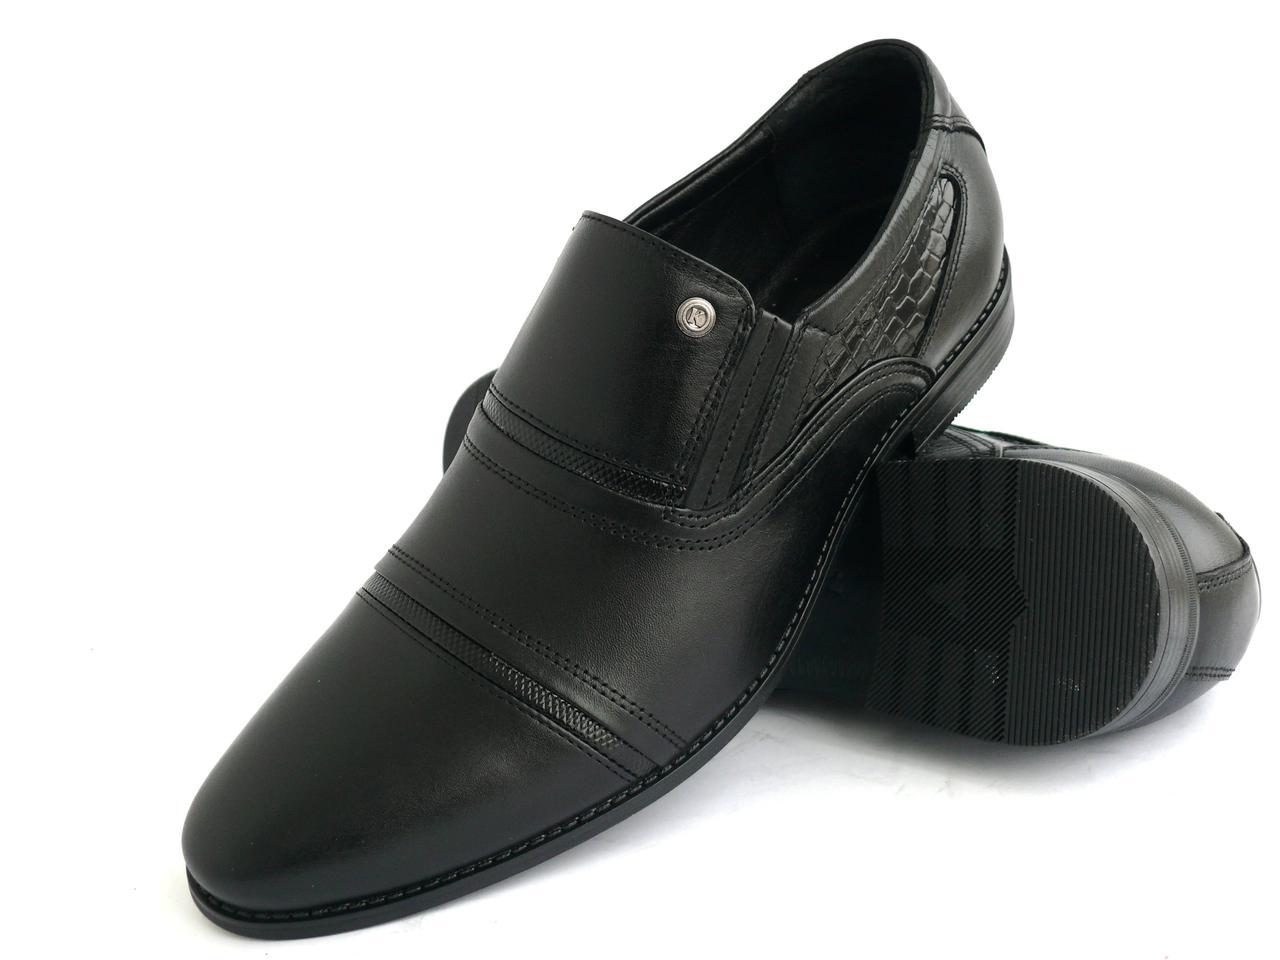 Мужские туфли с натуральной кожи чёрные «Классика» KARAT р. 39 40 41 42 43  44 45 8110744e398